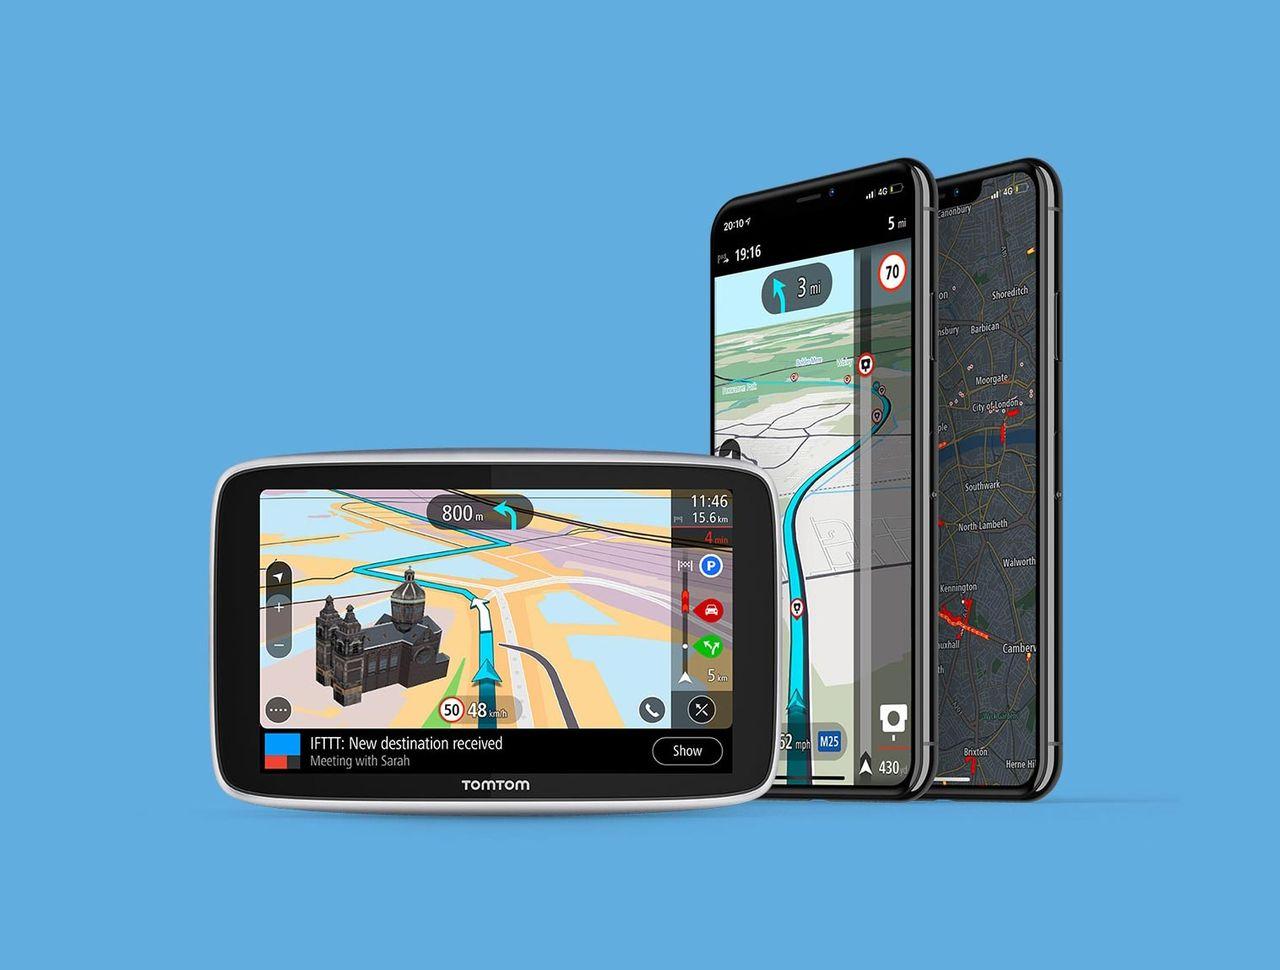 TomTom ska leverera navigering till Huawei